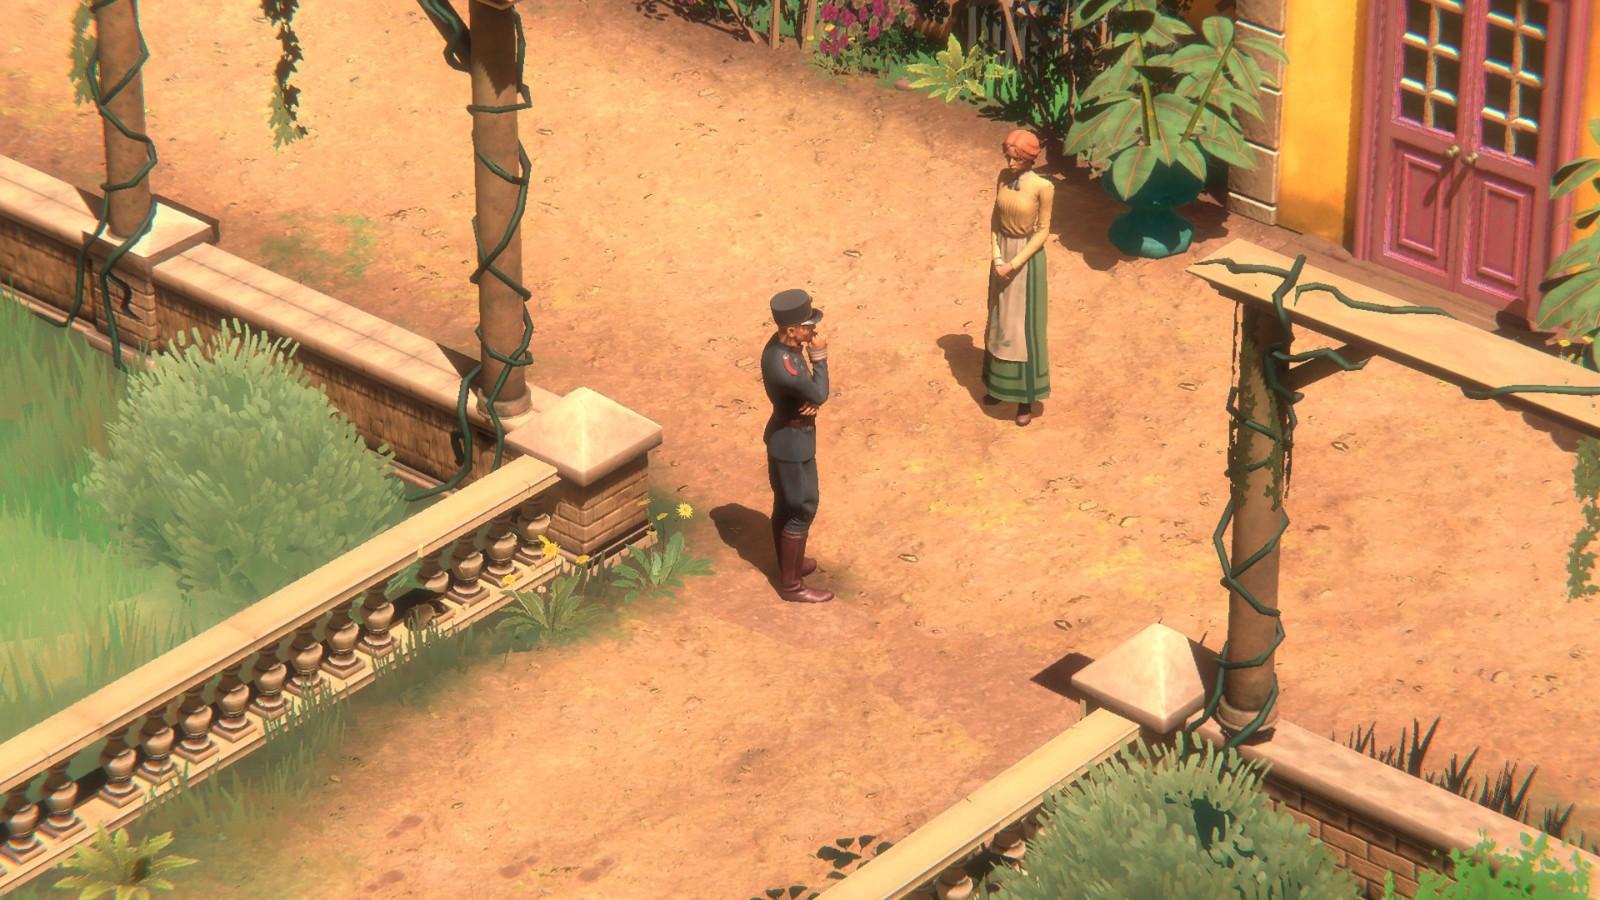 侦探游戏阿加莎之《赫尔克里·波洛:最初的案件》公布